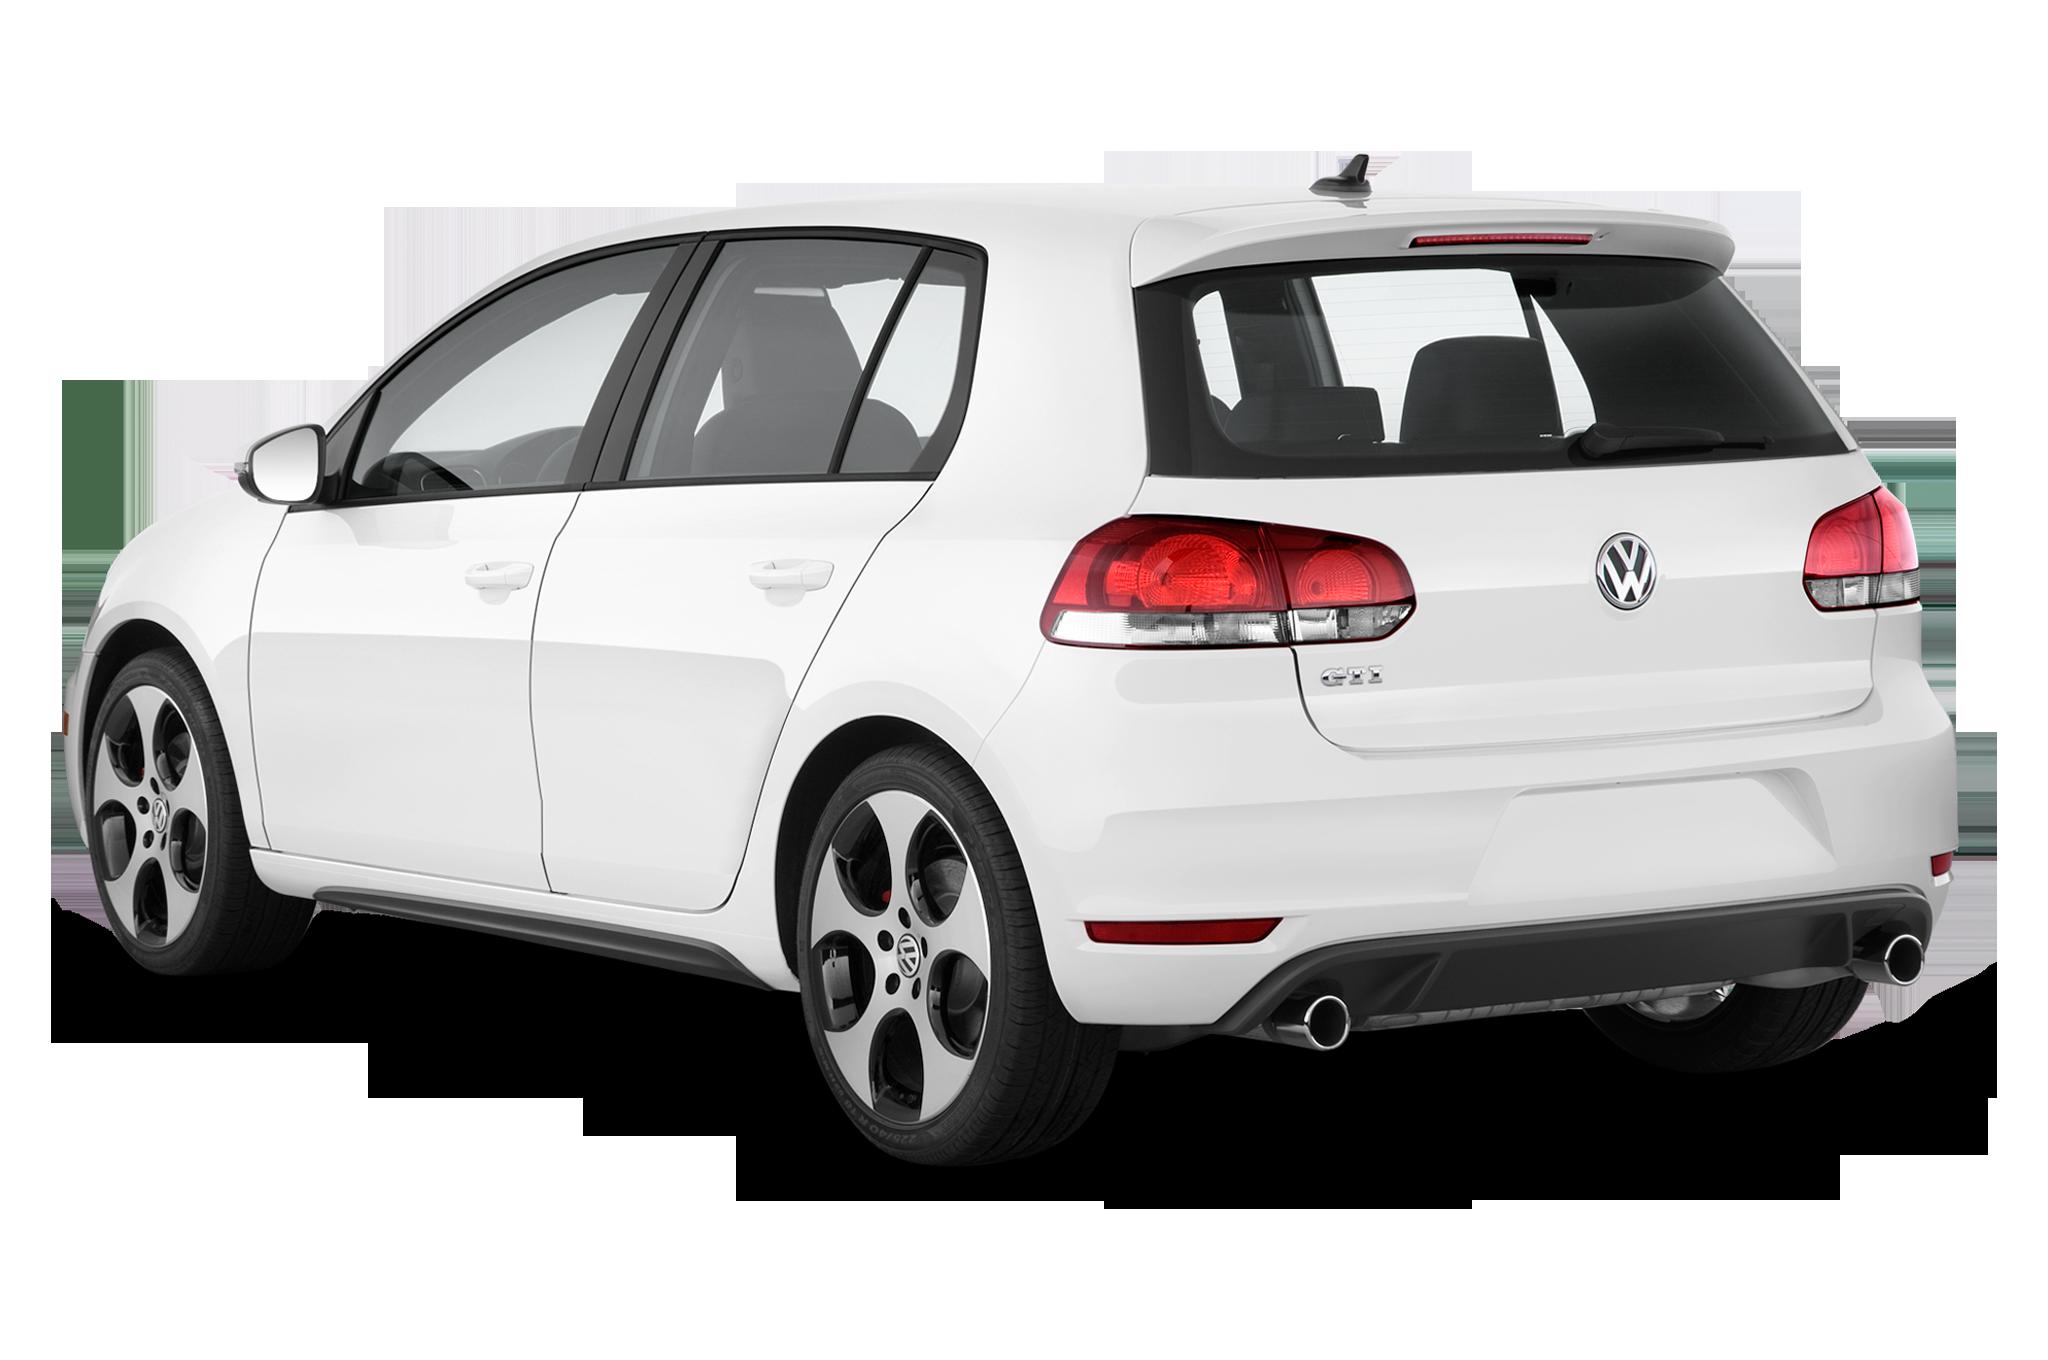 2012 Volkswagen Gti 2 Door Editors Notebook Automobile Magazine